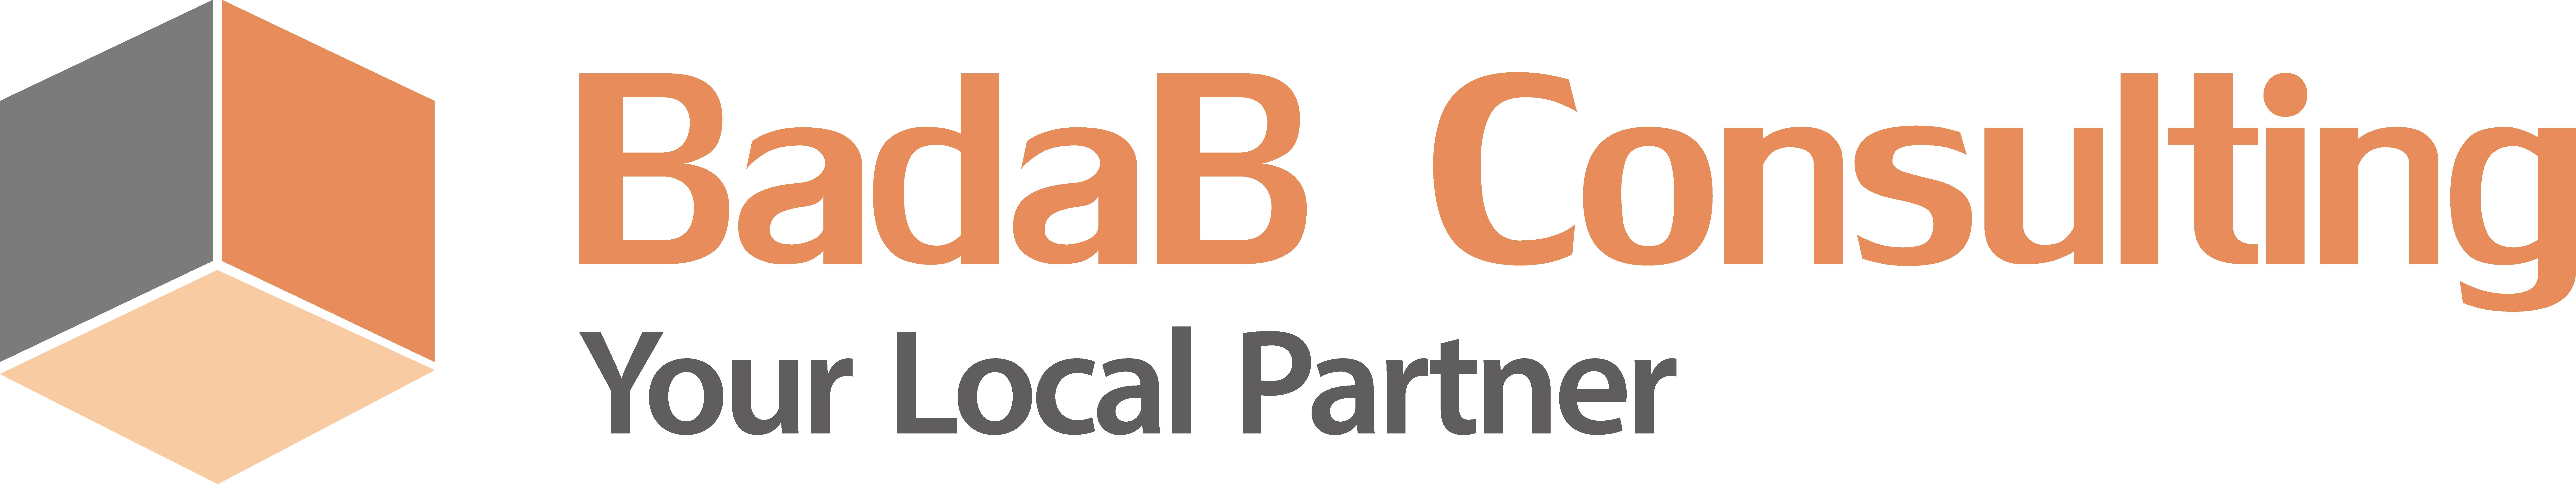 BadaB Consulting Inc Logo (transparent)